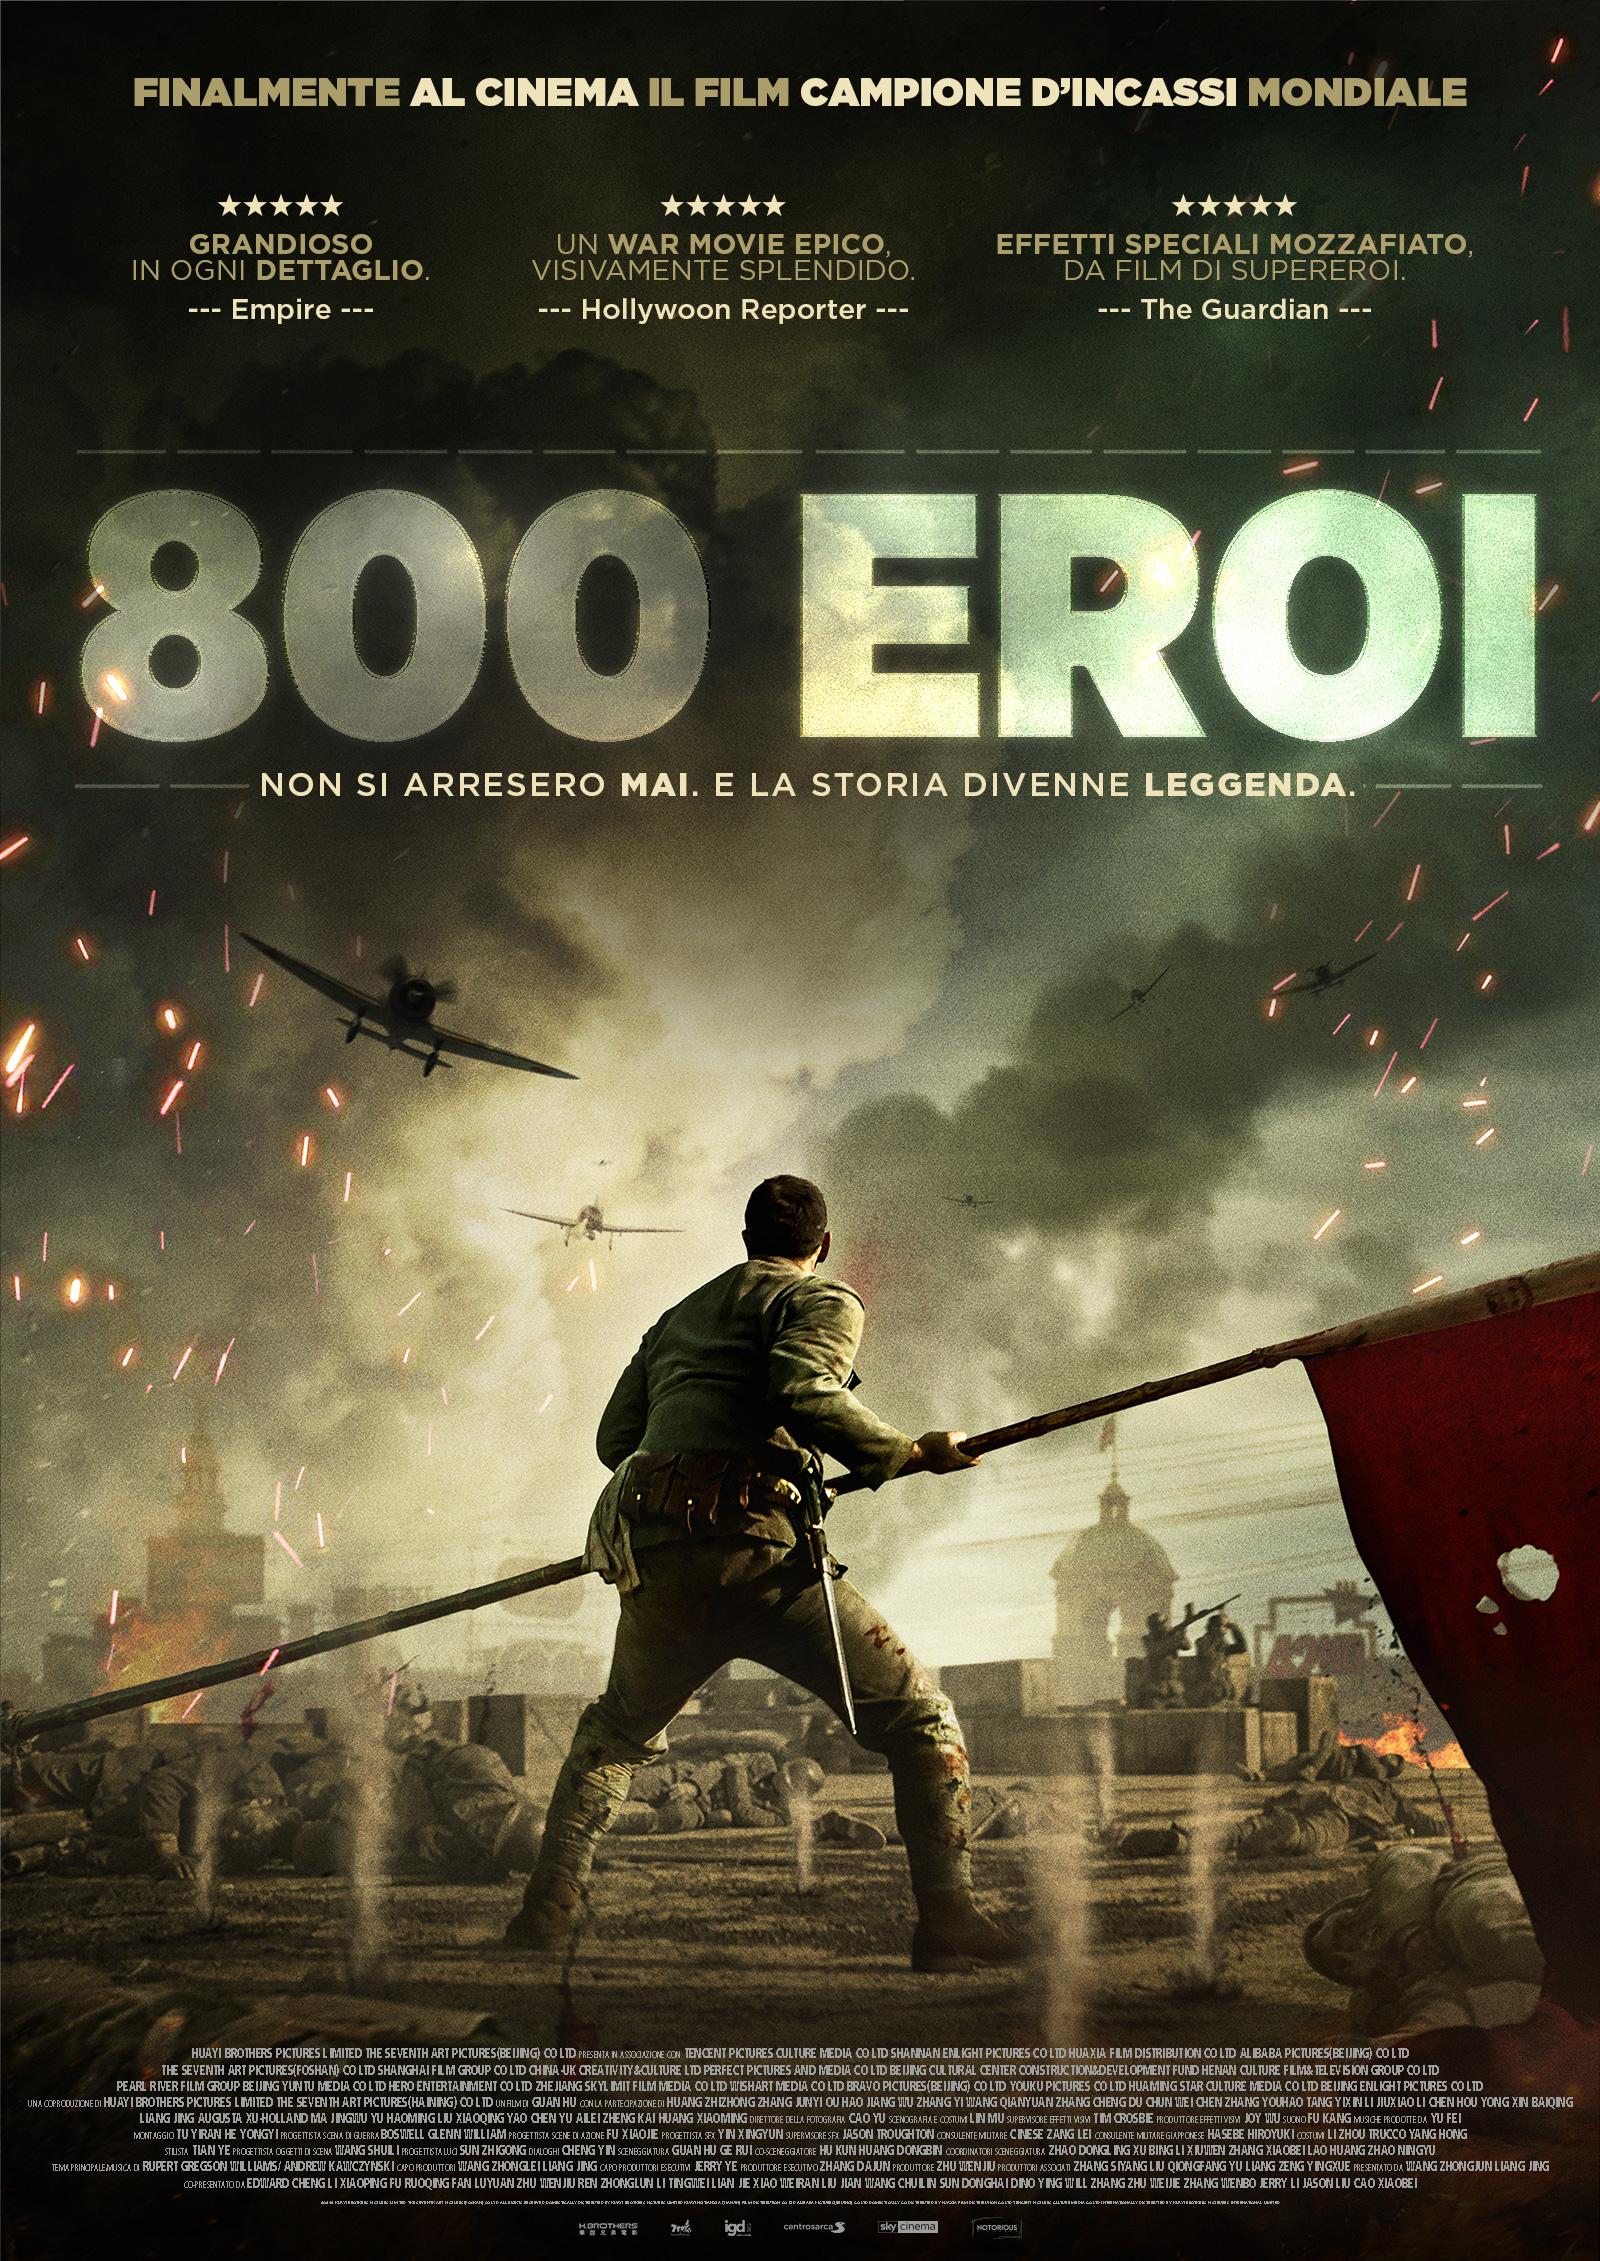 800 eroi